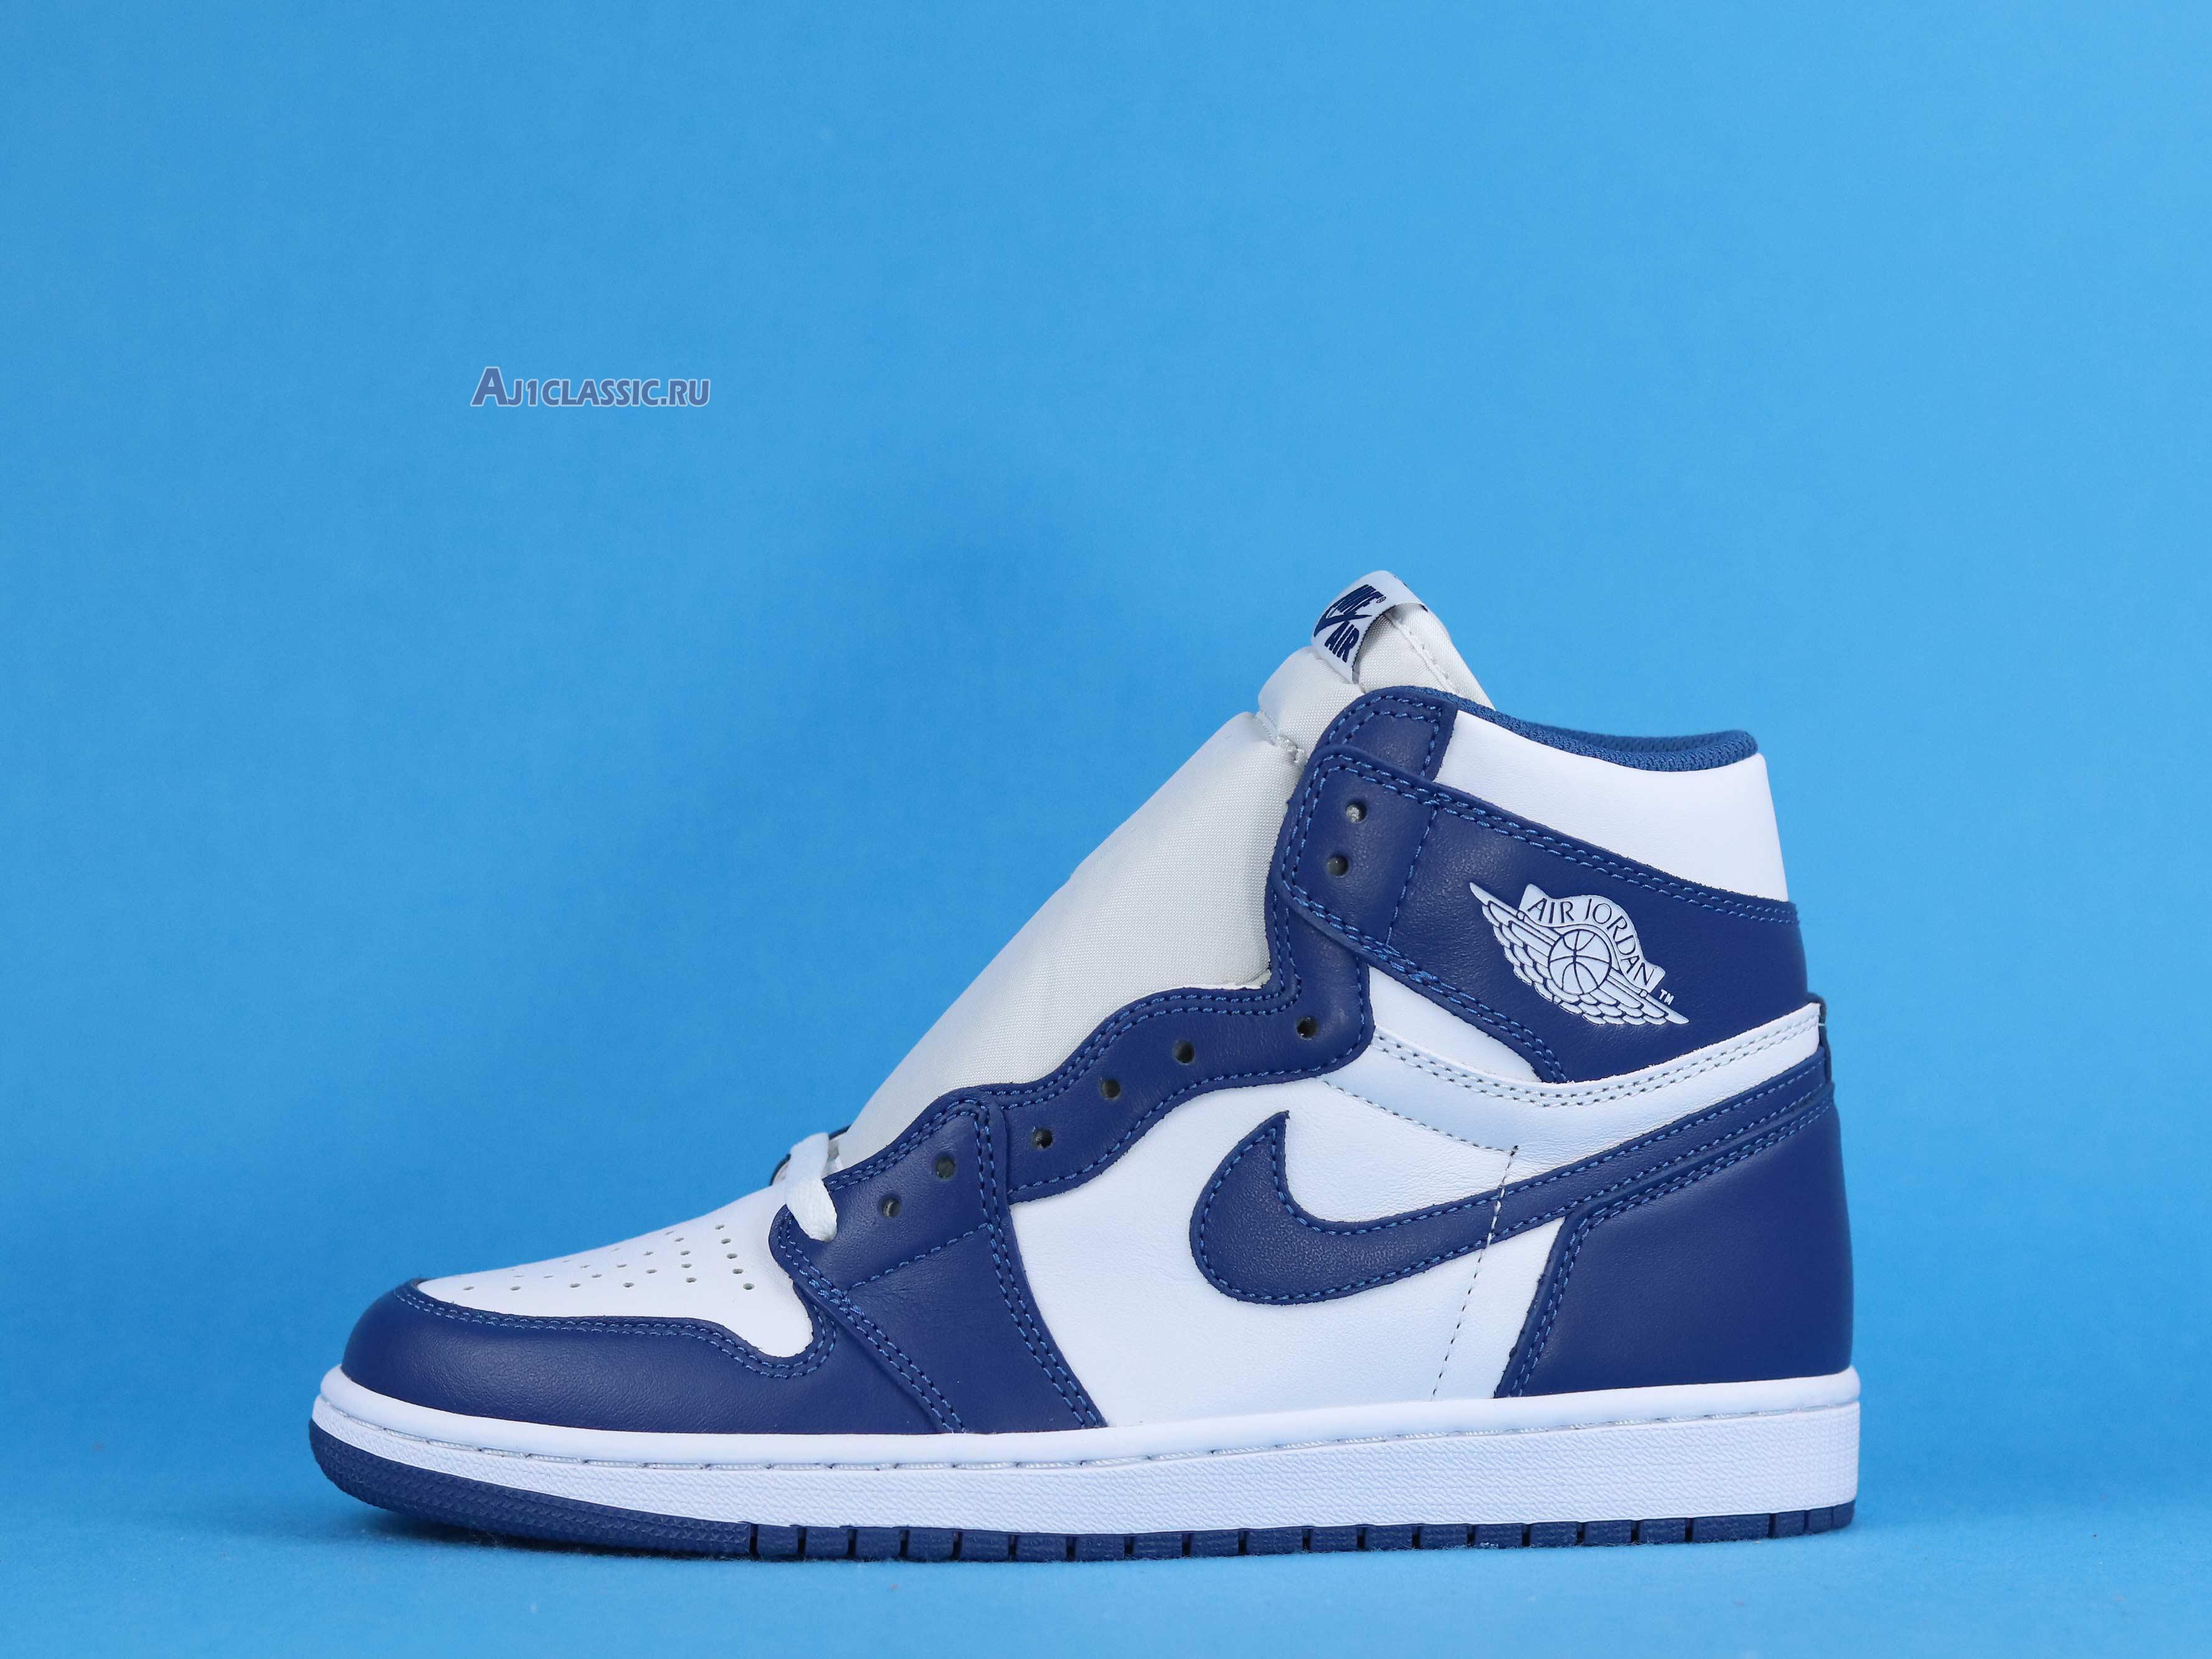 """Air Jordan 1 Retro High OG """"Storm Blue"""" 555088-127"""